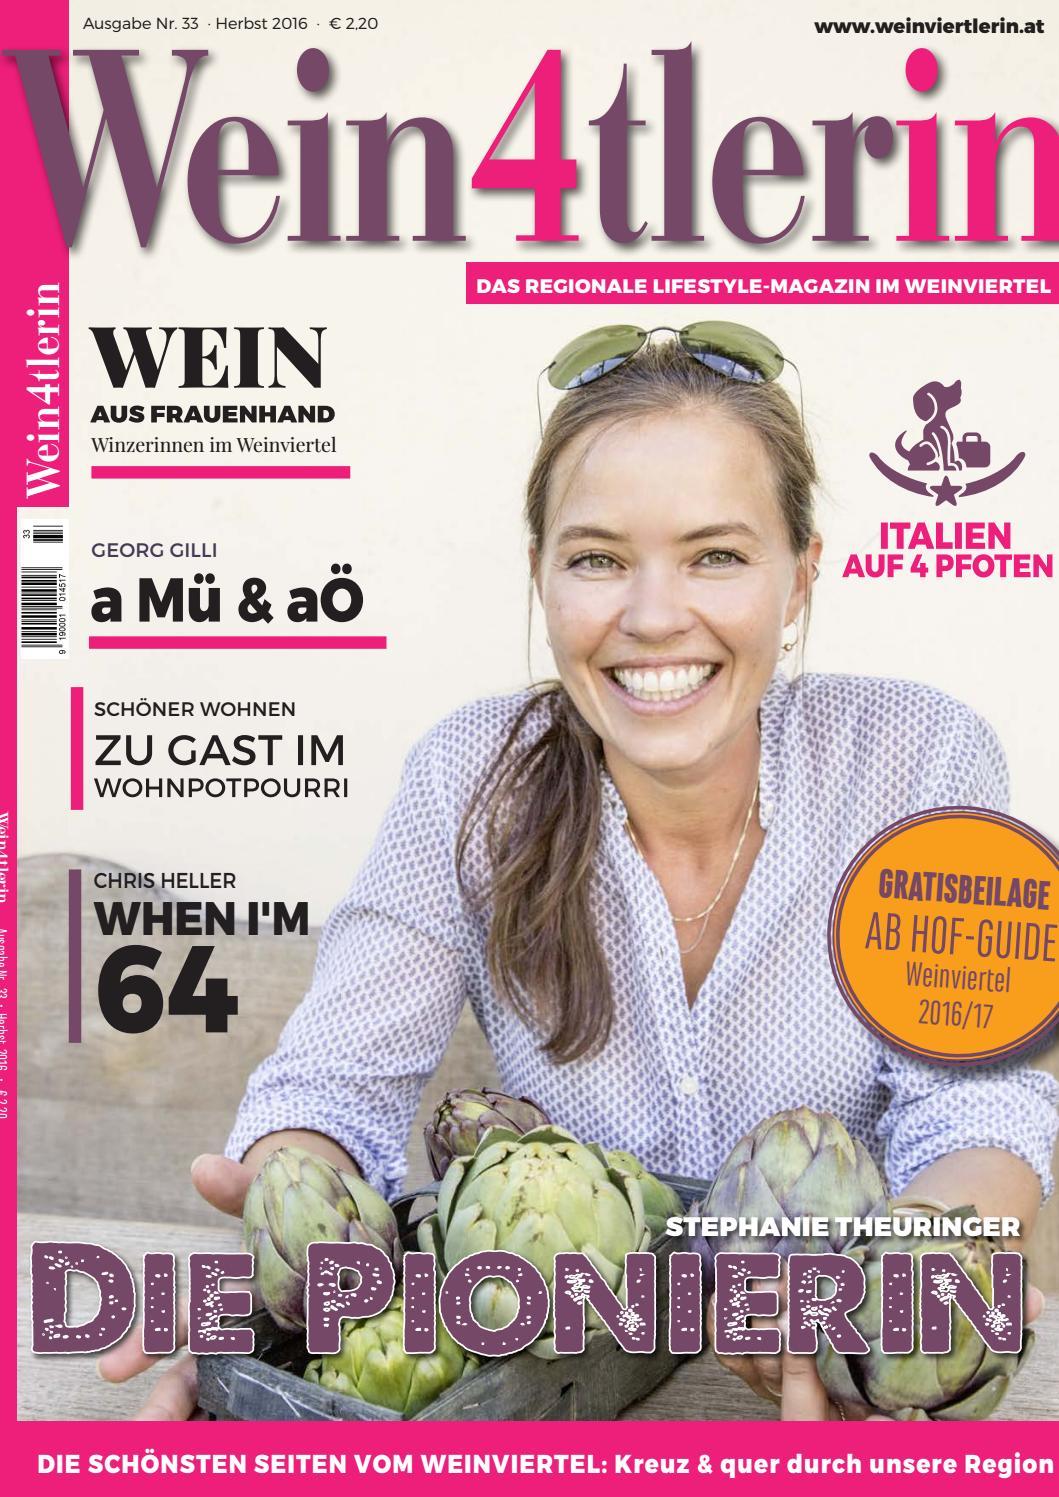 Blitz dating aus pasching: Christliche singles in maria lanzendorf